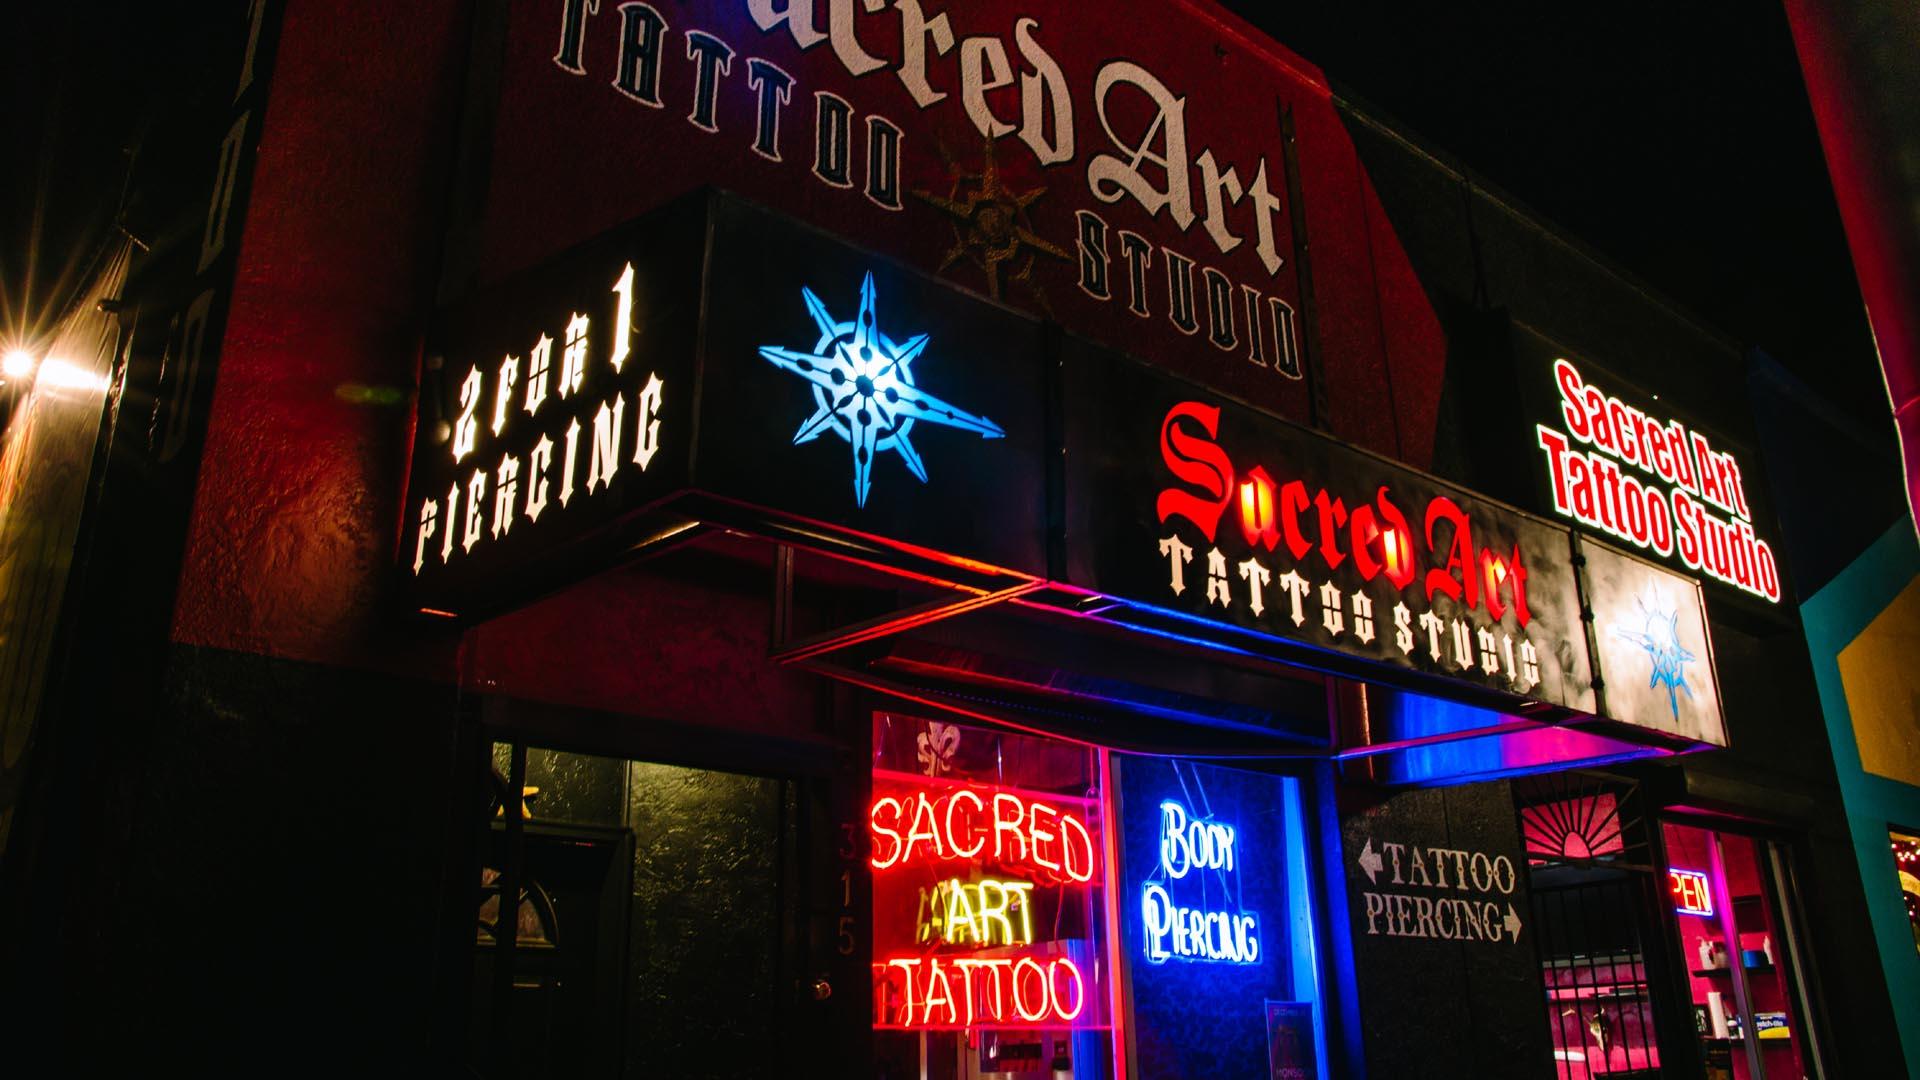 7fcb84ac7 Tattoo, Piercings - Sacred Art Tattoo Studio - Tucson, Arizona